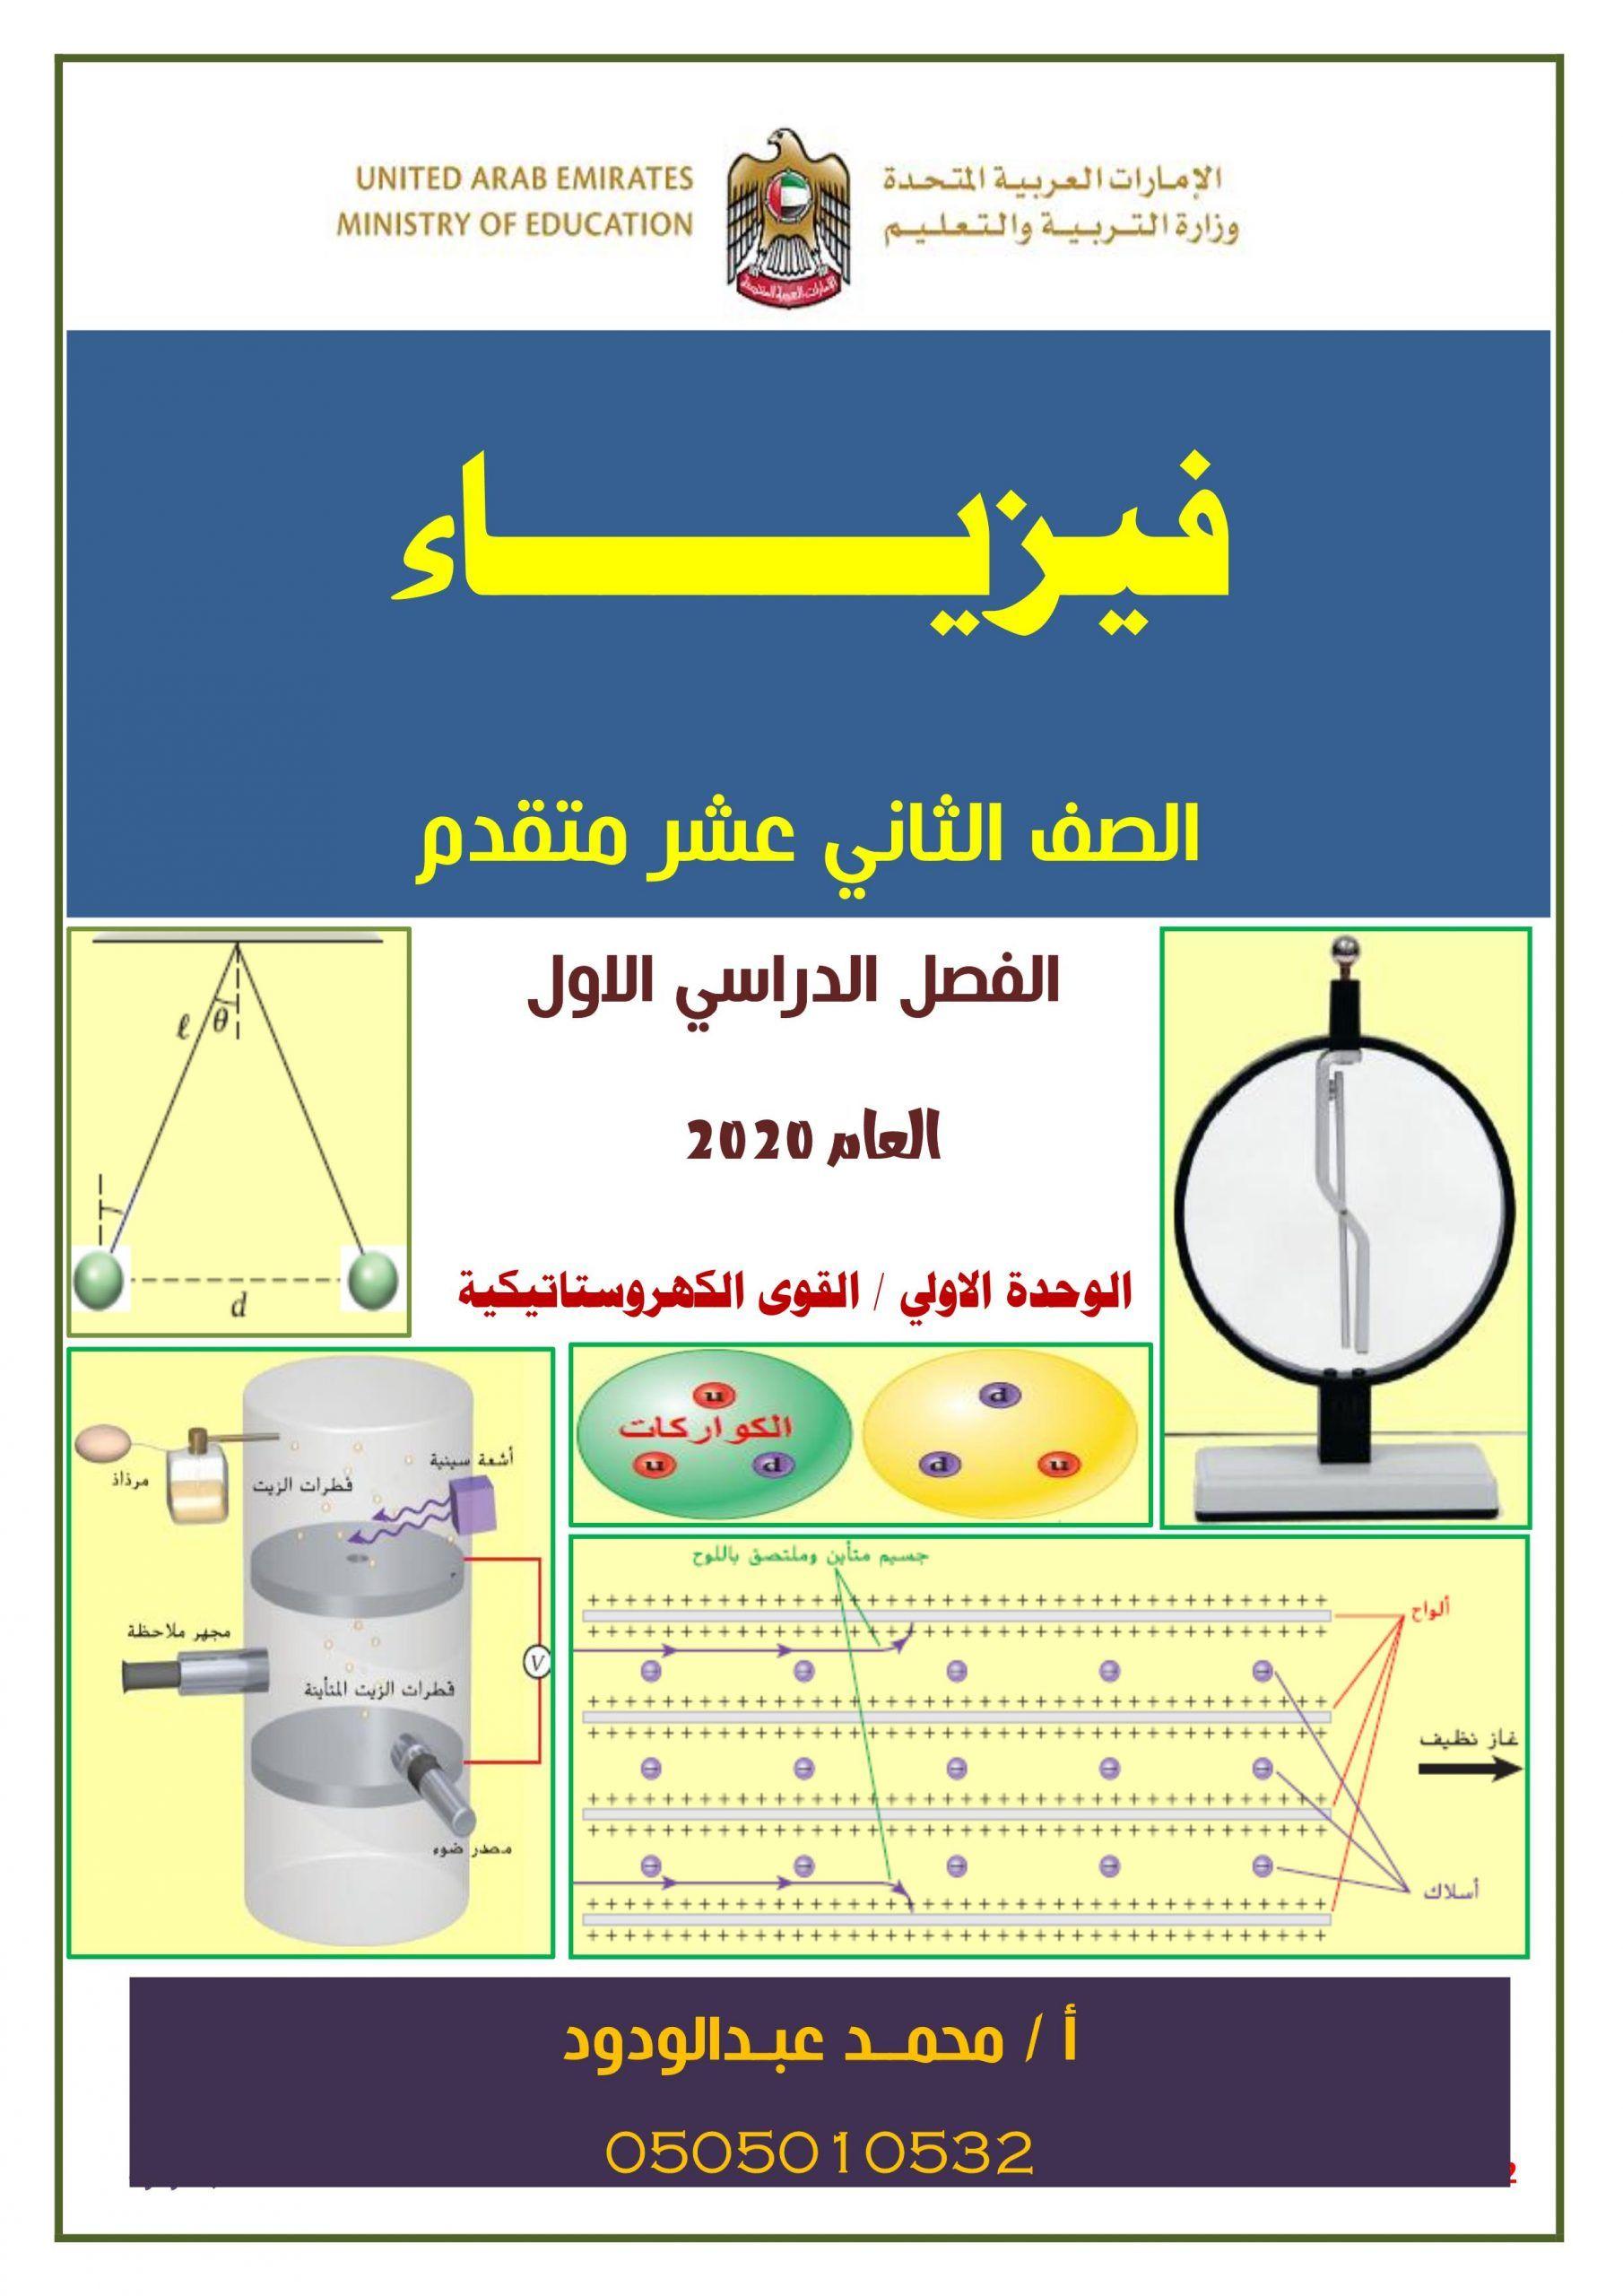 ملخص واوارق عمل وحدة القوى الكهروستاتيكية للصف الثاني عشر متقدم مادة الفيزياء Ministry Of Education United Arab Emirates Education